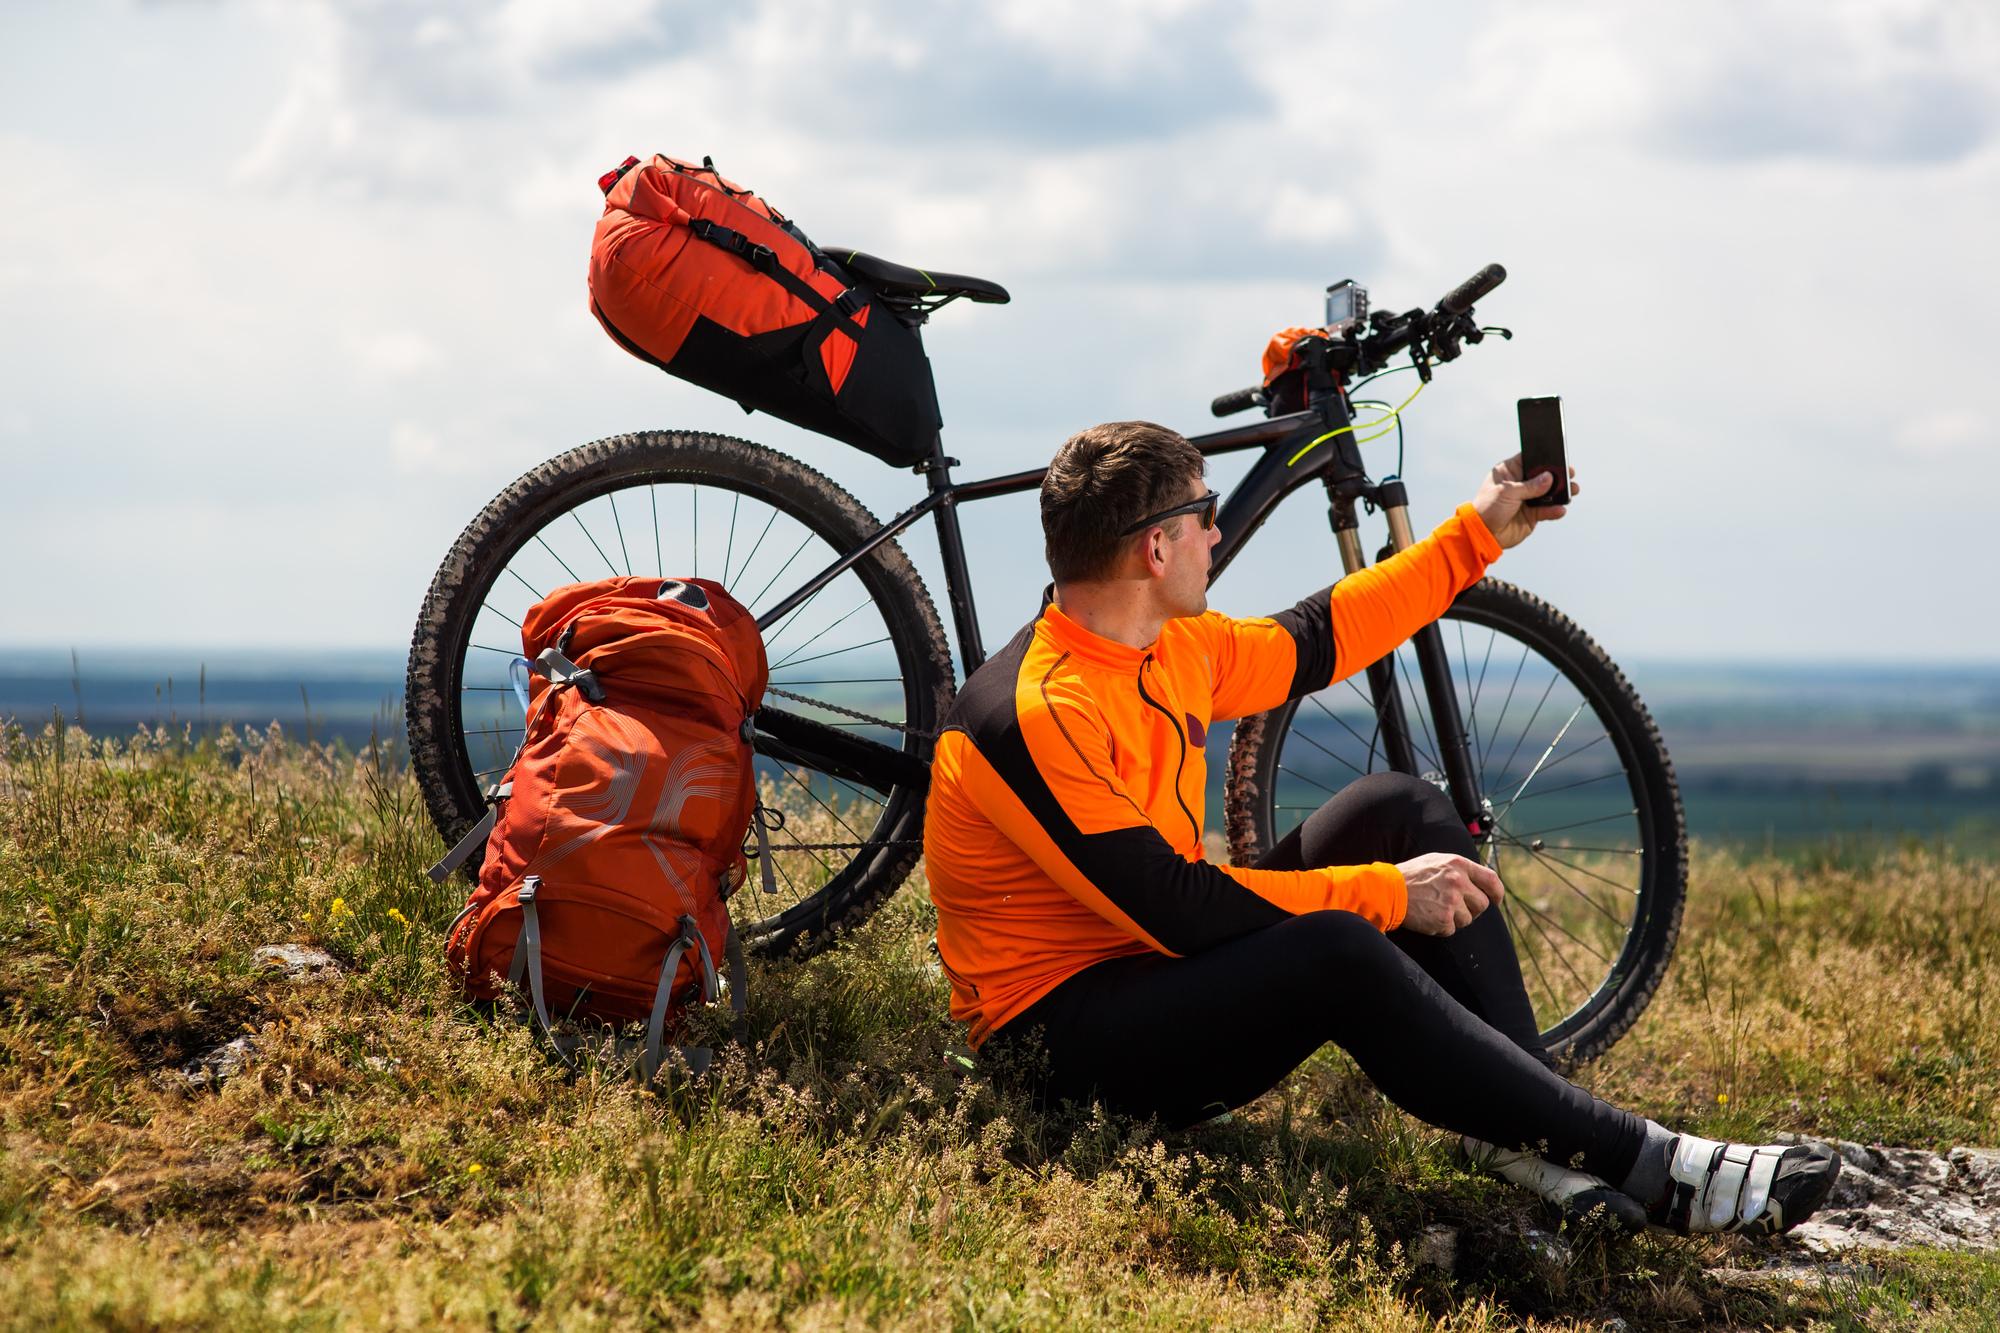 サイクリングするならDL必須!自転車ユーザー向け♪おすすめの人気スマホアプリ3選♪